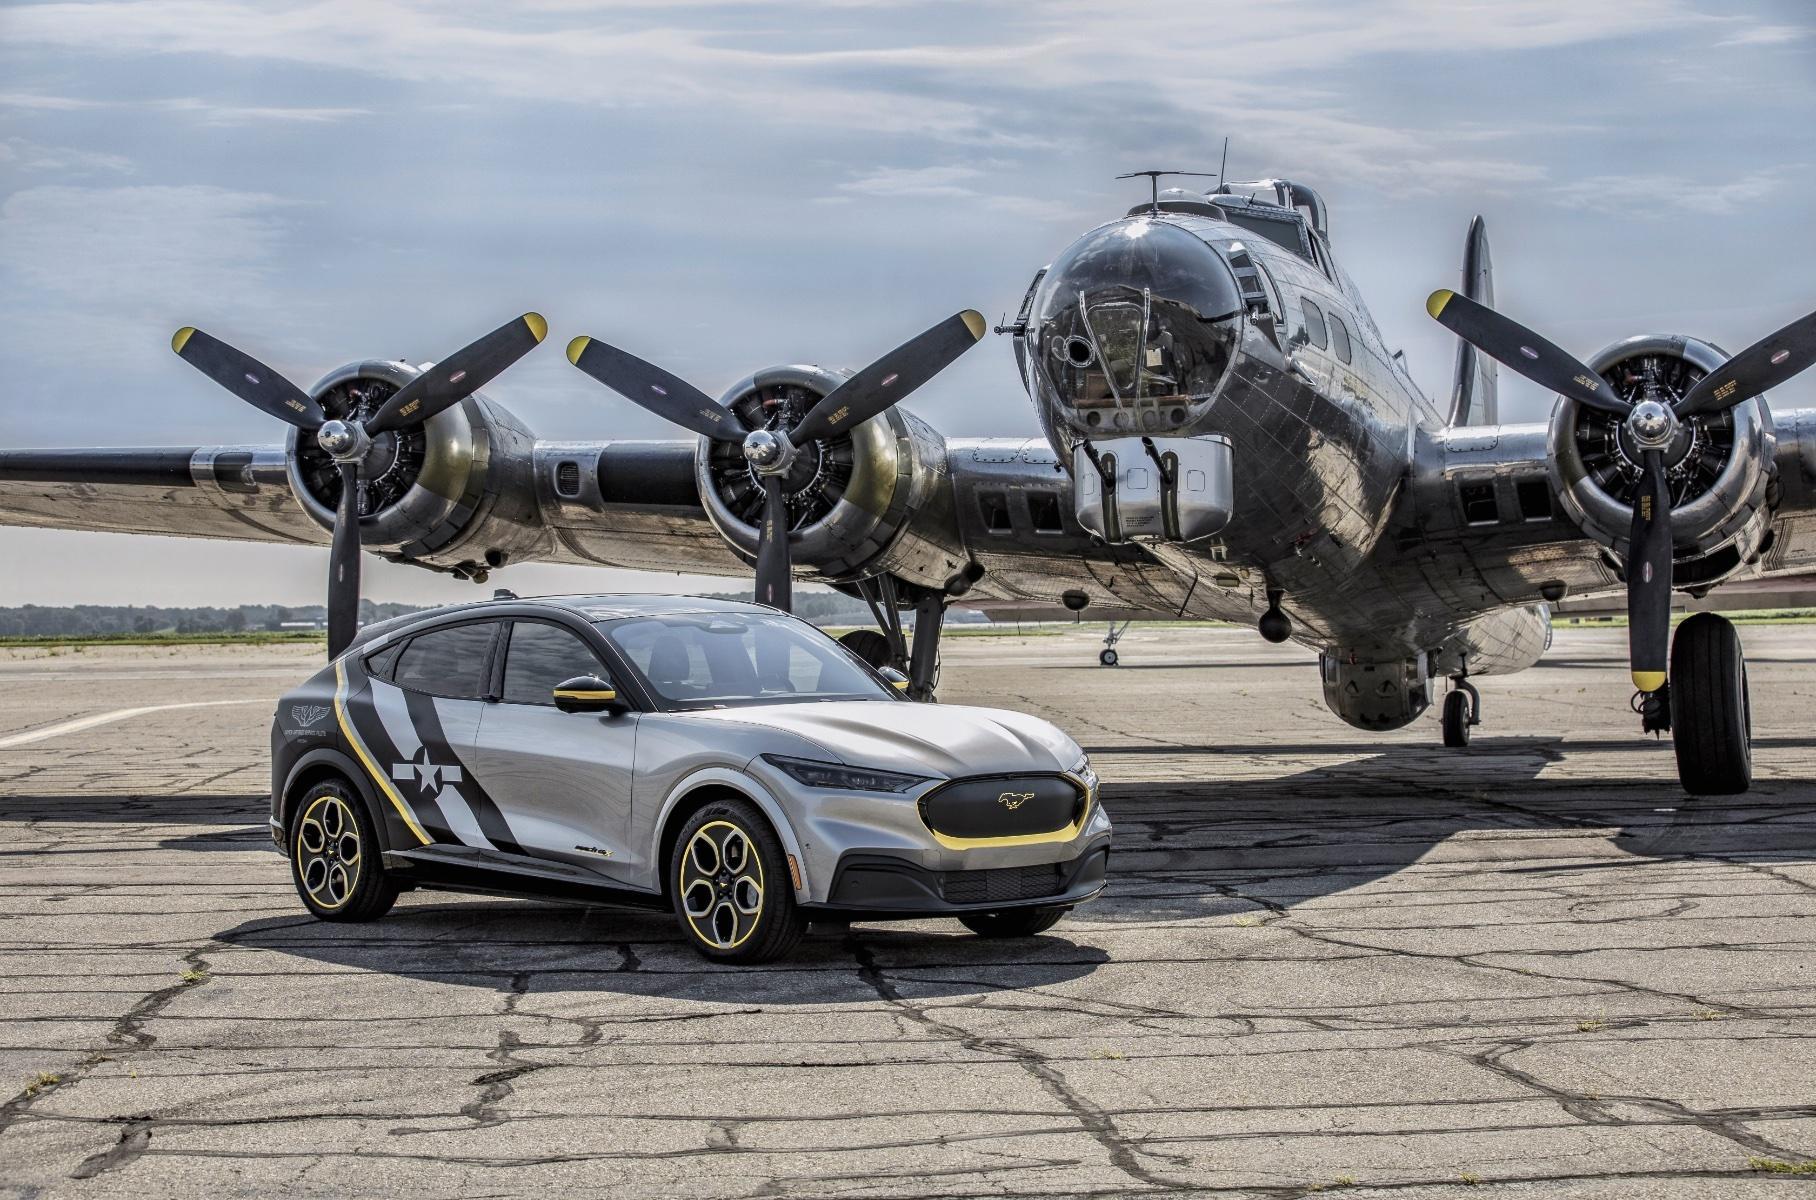 Фирма Ford посвятила спецверсию электрокроссовера Mustang Mach-E (см. видео) участницам WASP, или Women Airforce Service Pilots – Женской службы пилотов ВВС США.